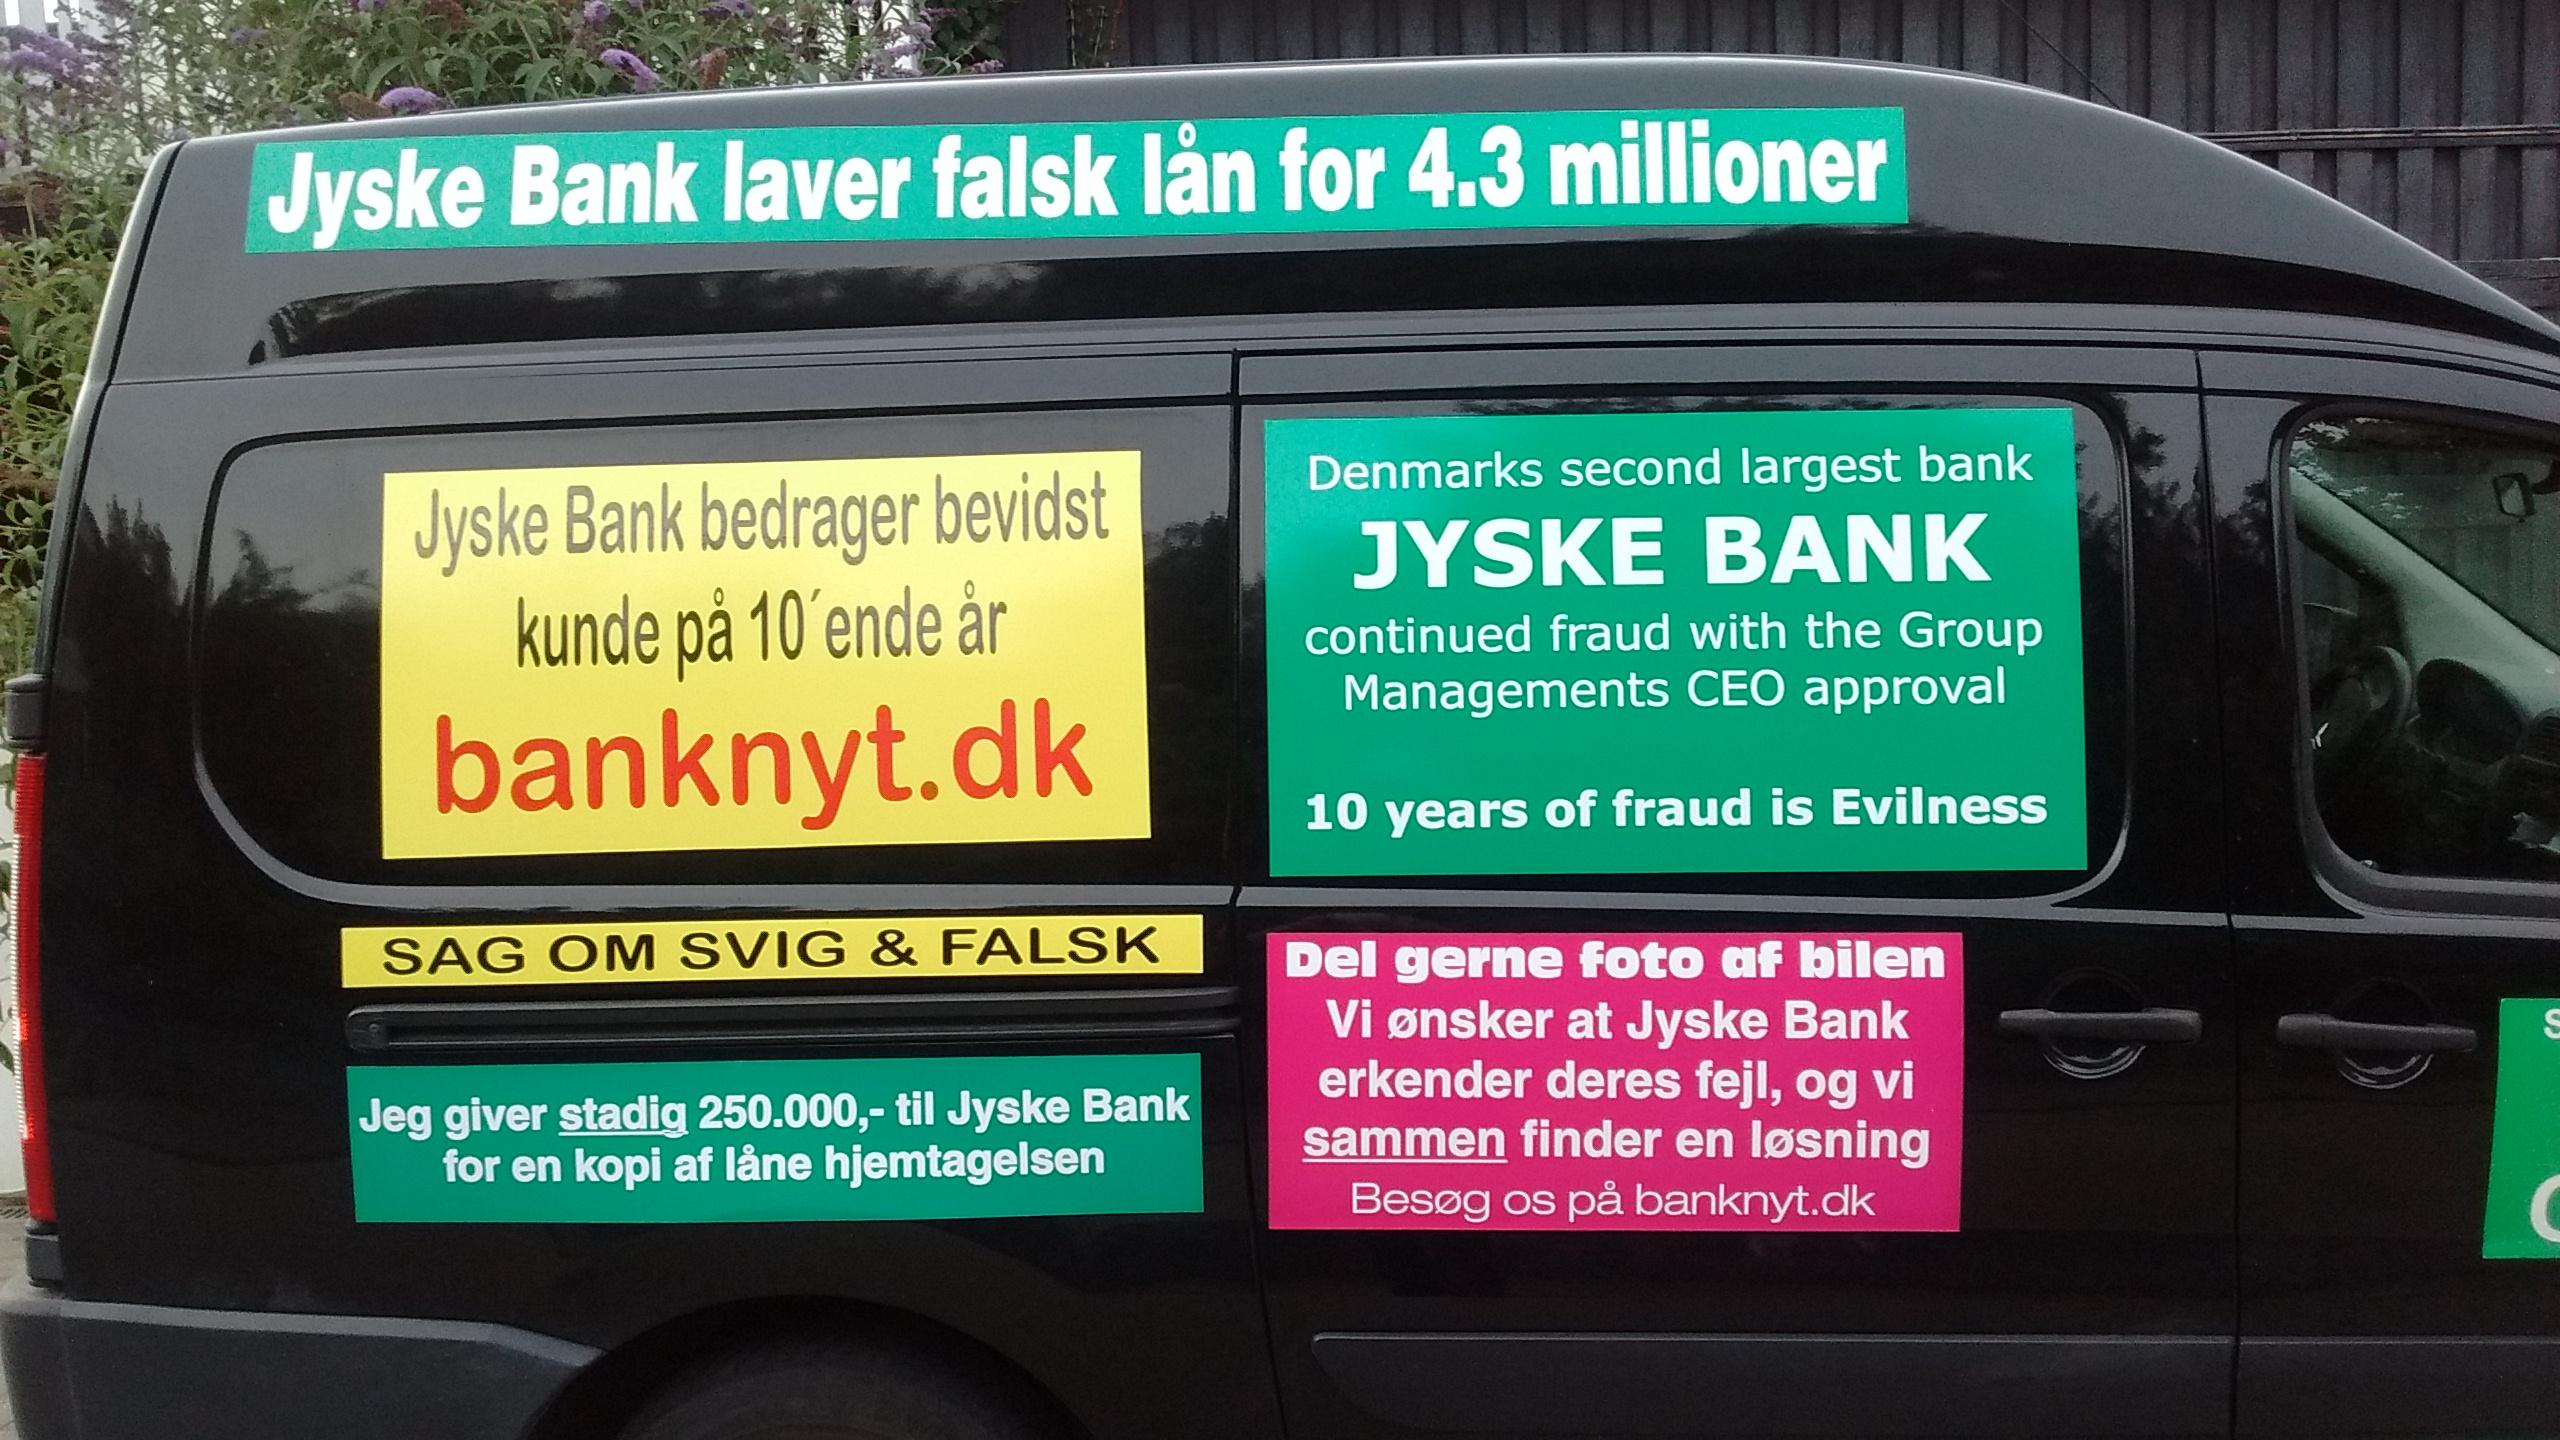 At nogle Danske Banker laver bedrageri er et alvorligt samfundsmæssig problem, og må være landsskadelig virksomhed. Politiet ved det sker, men vender det blinde øje til, mens banker bedrager os kunder. :-( At Danske Banker også nægter at holde op med at bedrage deres kunder, er også et alvorligt samfundsmæssig problem For hvornår bliver det dig banken svindler, har du kræfter til at stoppe svindel, når den er udført af en stor Dansk Bank, som jyskebank men rettet mod dig selv. Vores sag er enkel Det gælder om at få Koncernledelsen i jyske bank til at erkende og undskylde deres medvirken til Jyske Banks mange års bedrageri / svig :-( :-( Da vi opdagede bedrageriet eller mente jyske bank udsatte os for et kæmpe bedrageri Skrev vi det til Koncernledelsen Eksempel. 18 & 19. maj. 2016. Det forsøgte Jyske Banks bestyrelse så 6 måneder efter, mere præcist Den 2. November 2016 at løbe fra. Hvor jyske bank bestyrelses medlem Philip Baruch forsøgte at lokke os til et møde, med en skjult agenda Bestyrelses medlemmet og advokat firmaet Lund Elmer Sandager ville forsøge lokke os, til at lave en rente bytte på et lån, et lån vi faktisk har. Sikkert mod at tilbyde at tilbage betale nogle af de penge jyske bank ved mandatsvig og bedrageri har STJÅLLET ved deres adgang til vores konti. DEN GIK IKKE Jyske Bank har siden kun ville fortsætte bedrageriet, hvilket vi syntes er både ækelt og modbydeligt gjort. Men jyske bank er jo en anderleds bank, en bank som er bevidst om at banken bedrager os og fortsat bare vil bedrage os. :-( :-( :-( Vedr. Svig og Falsk sagen mod jyske bank Hold øje med dato for retsmøde og hoved forhandling. BS 99-698/2015 Vi går i retten for at stoppe den svindel jyske bank ikke selv vil stoppe. :-) FORBEREDELSE TIL HOVEDFORHANDLING: VIDNER: Vidner i jyske bank sagen, der ønskes indkaldt, og måske ikke alle sammen ved at bedrageriet er opdaget, de kan jo læse om sagen på www.banknyt.dk www.tyv.dk Samt flere andre sider. Vi ønsker såmænd bare at disse personer BEKR